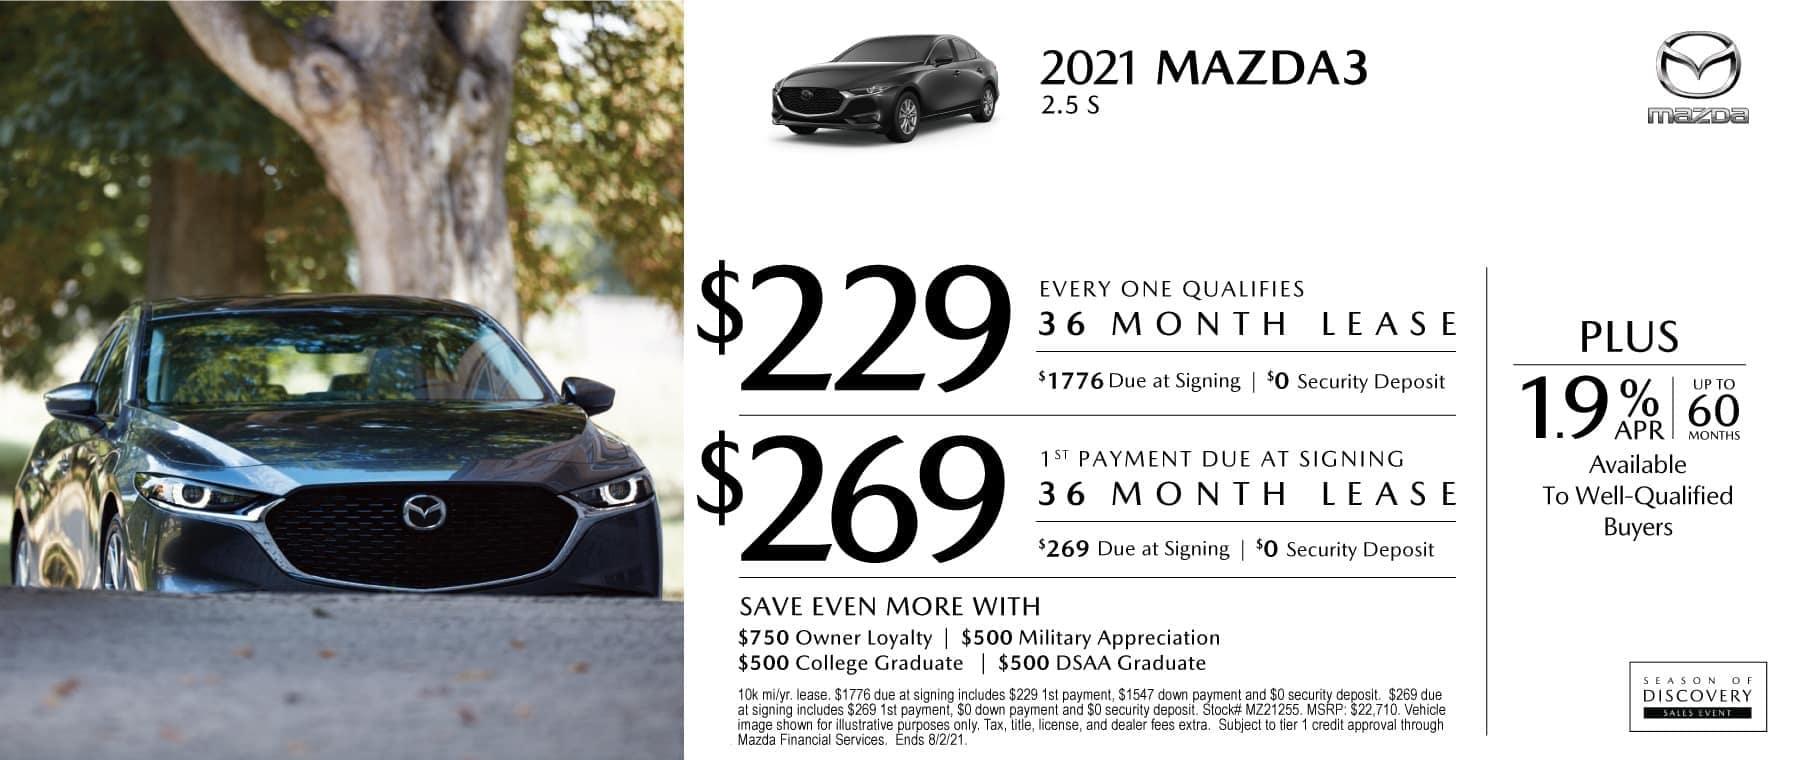 July-2021-Mazda-CS-Slides_Mazda3